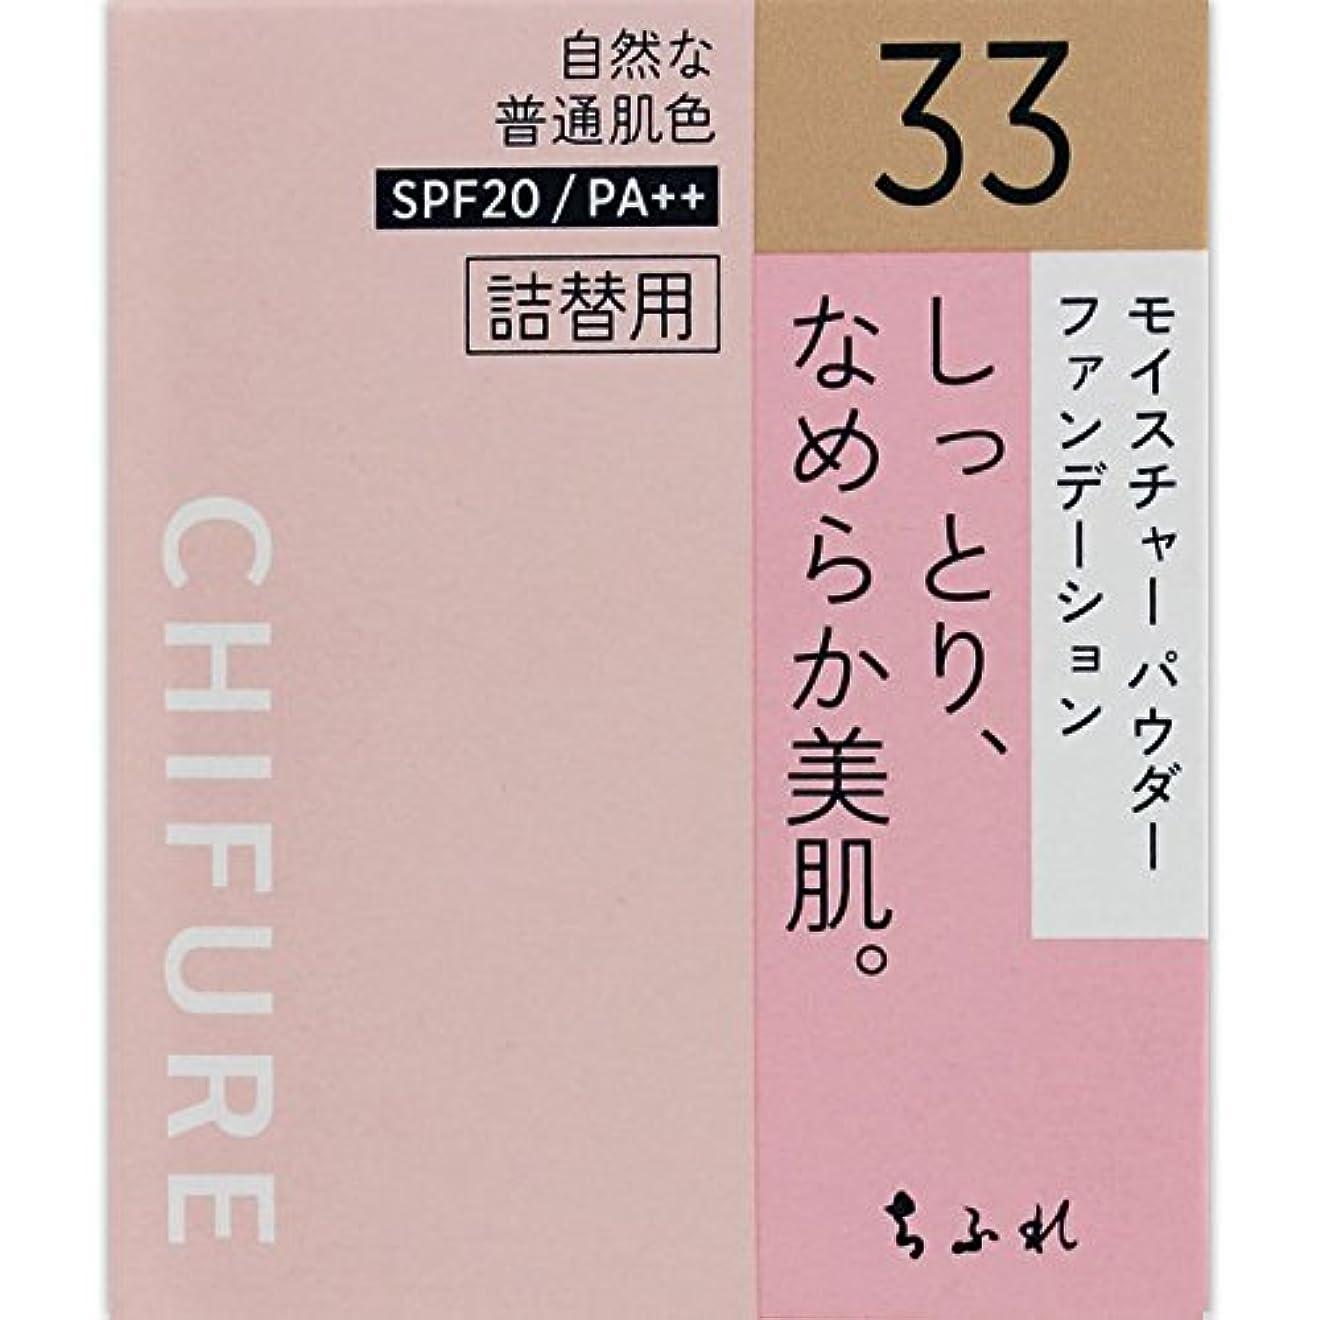 スピン定義するピジンちふれ化粧品 モイスチャー パウダーファンデーション 詰替用 オークル系 MパウダーFD詰替用33